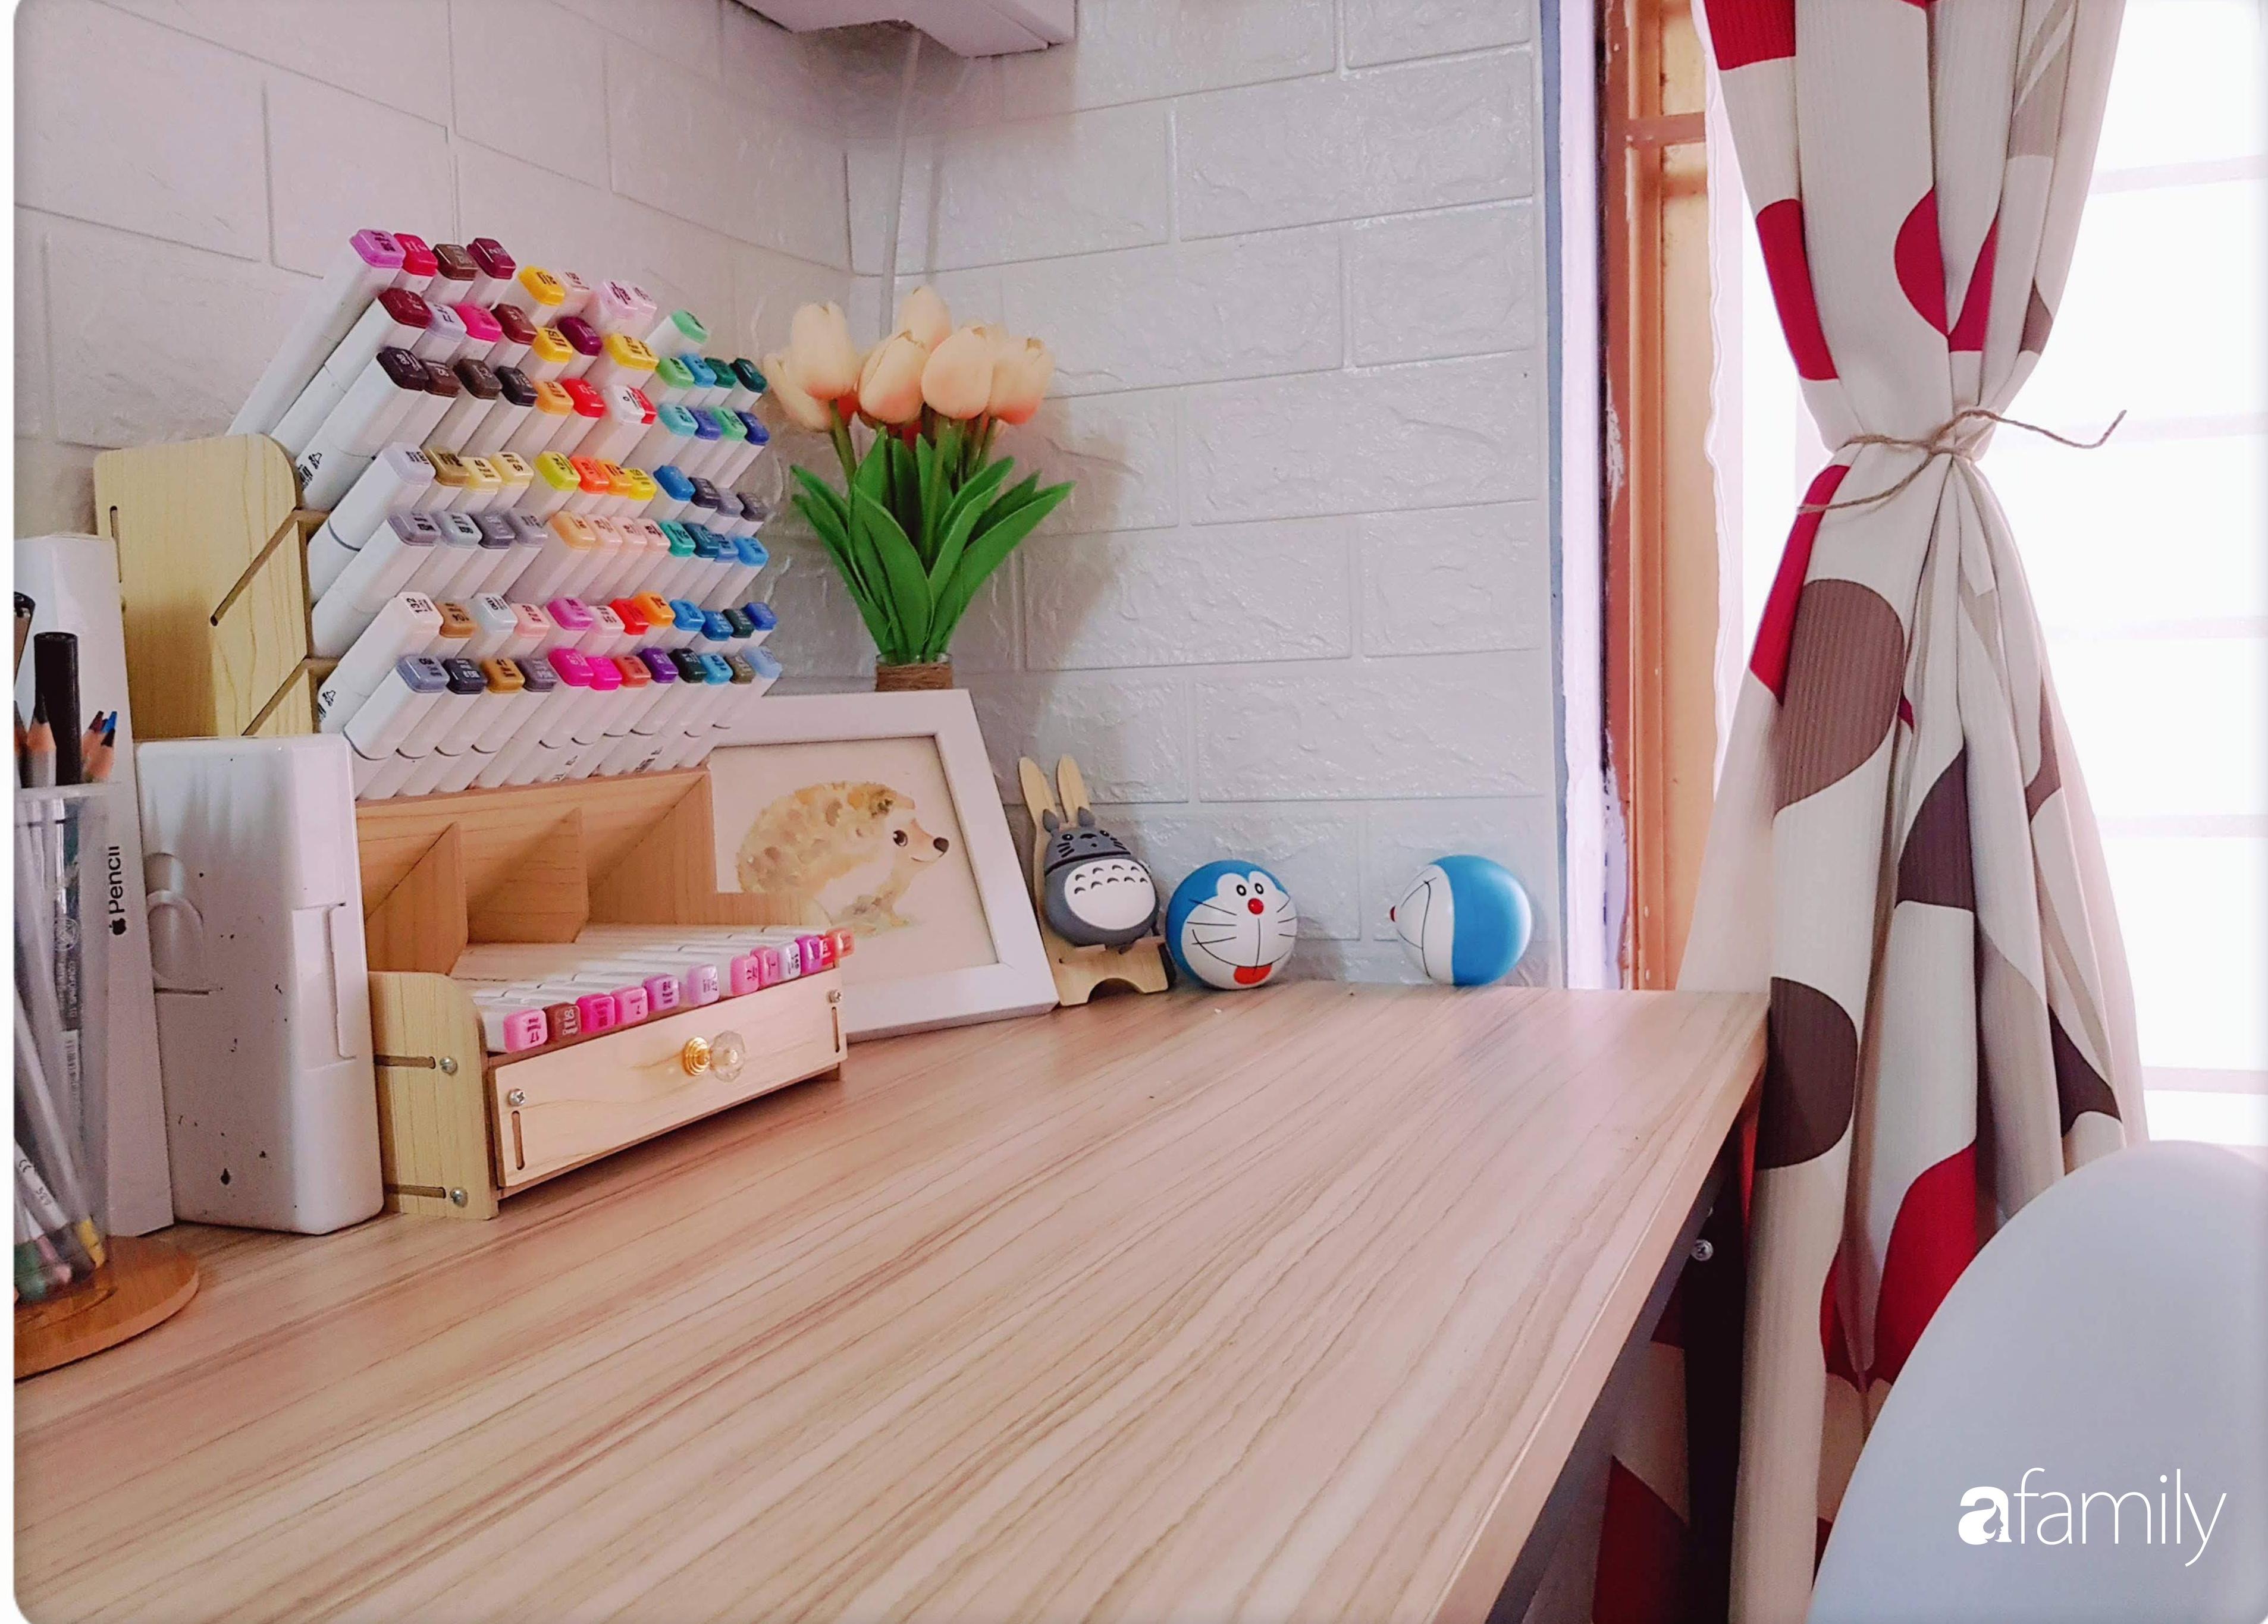 Chỉ với hơn 3 triệu và bí quyết cải tạo phòng ngủ thành không gian ngọt ngào, lãng mạn của cô gái Sài Gòn - Ảnh 10.